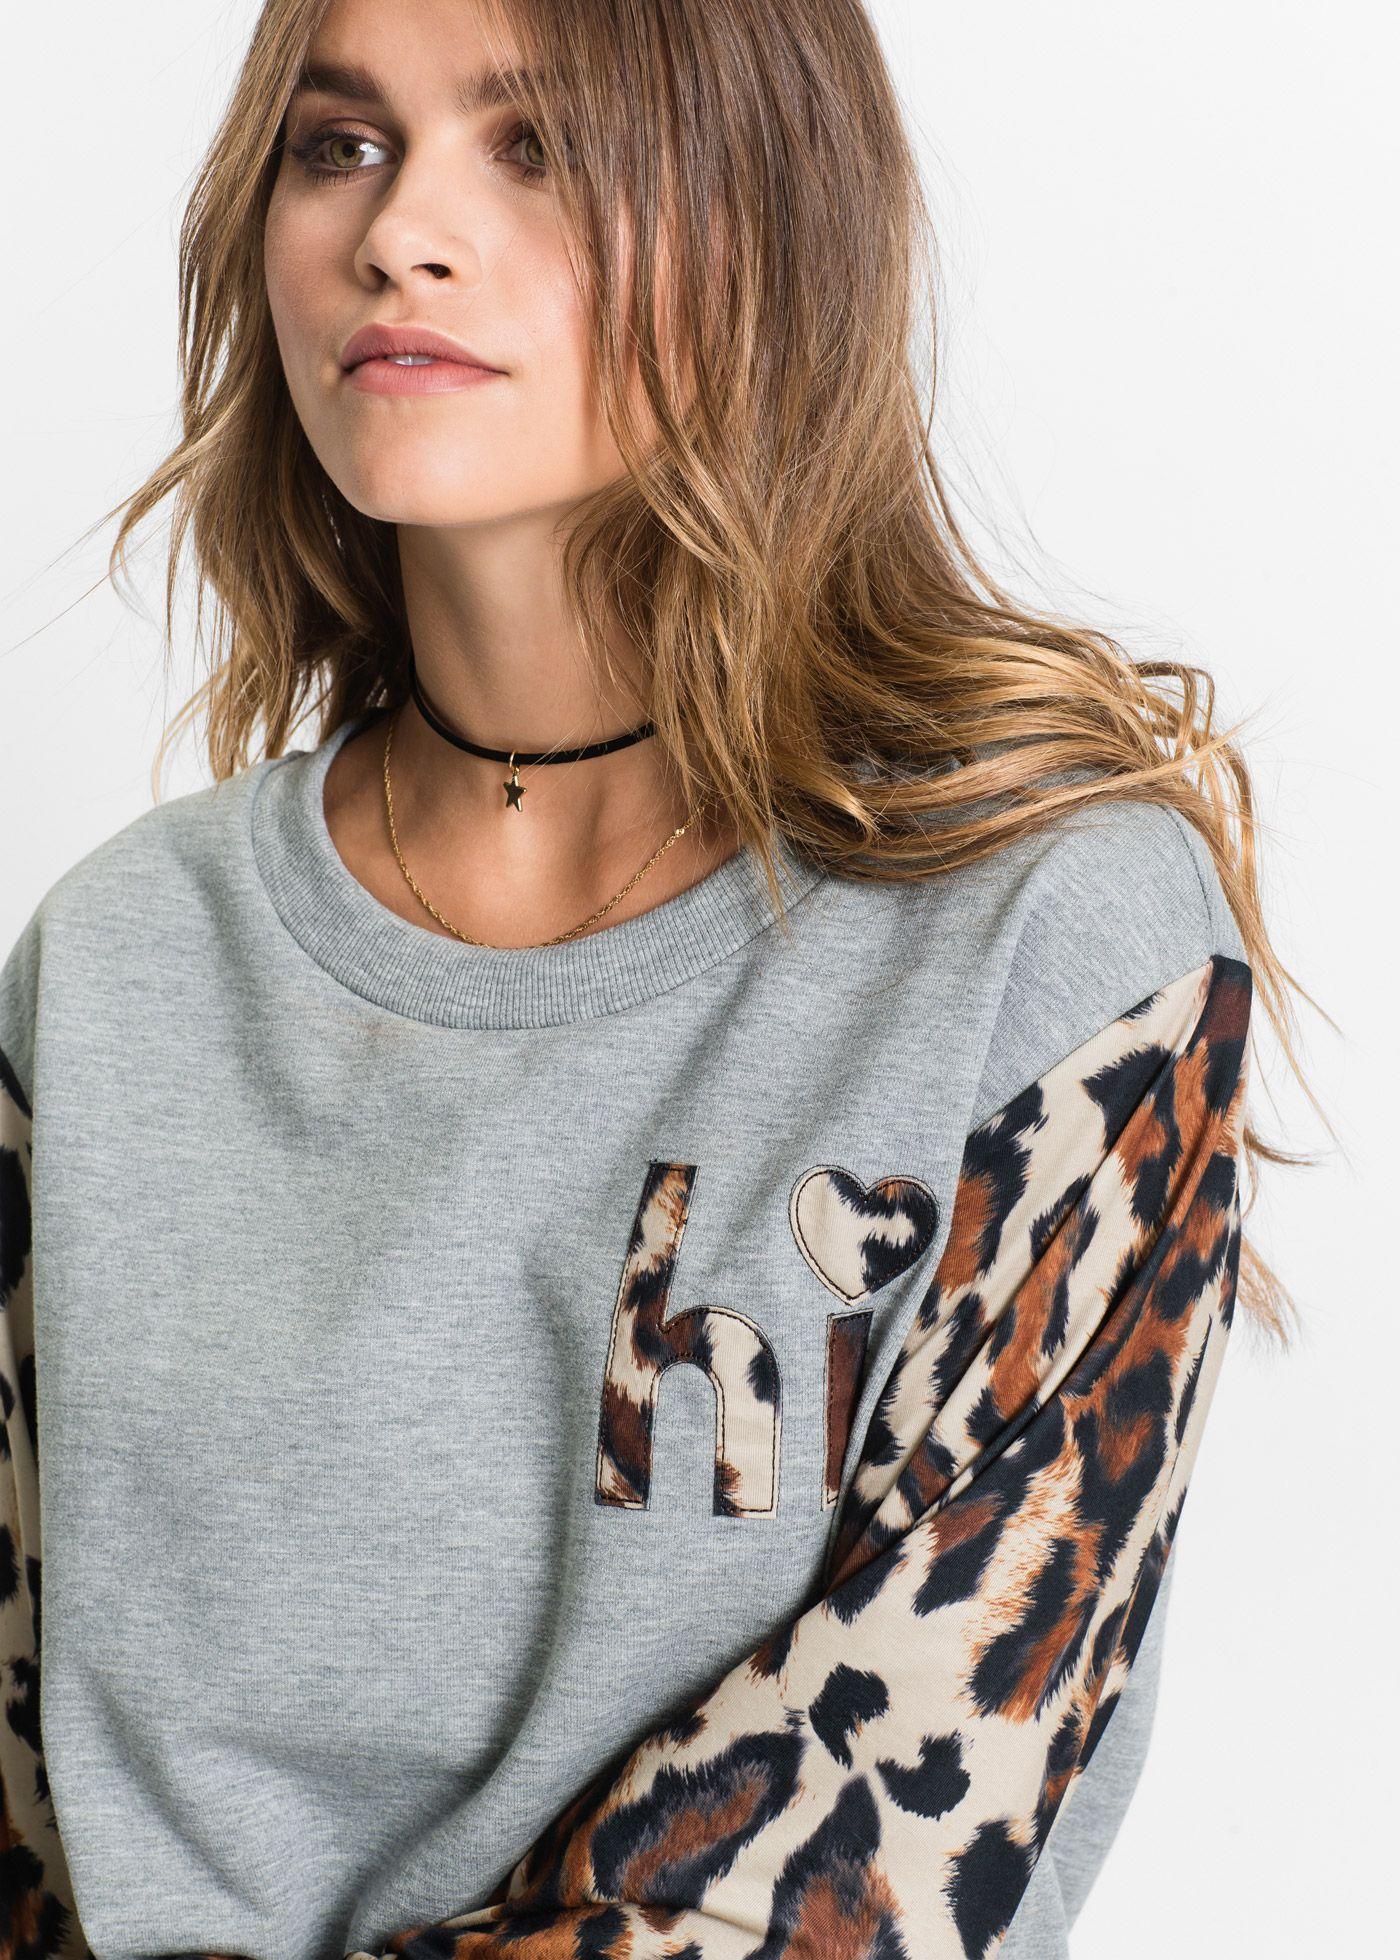 Sweatshirt mit Applikation   Mode, Tuch, Bekleidung